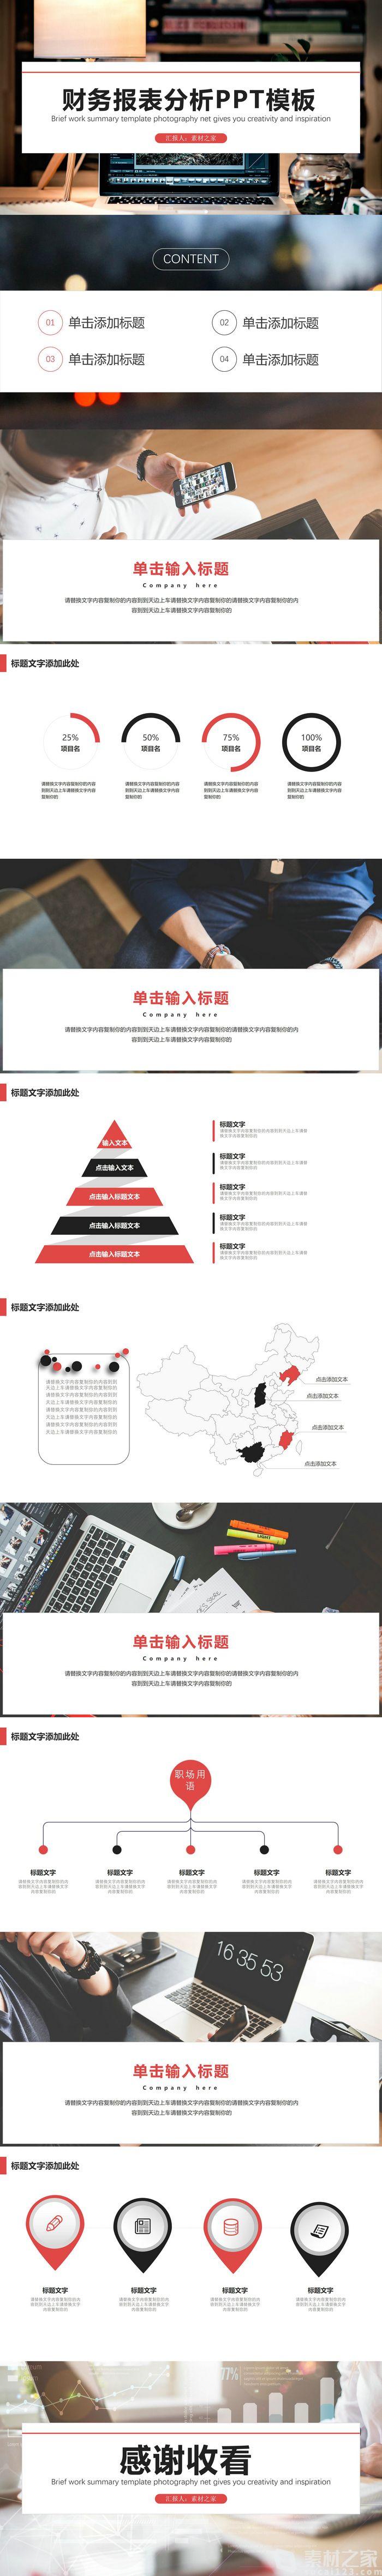 財務報表分析PPT模板